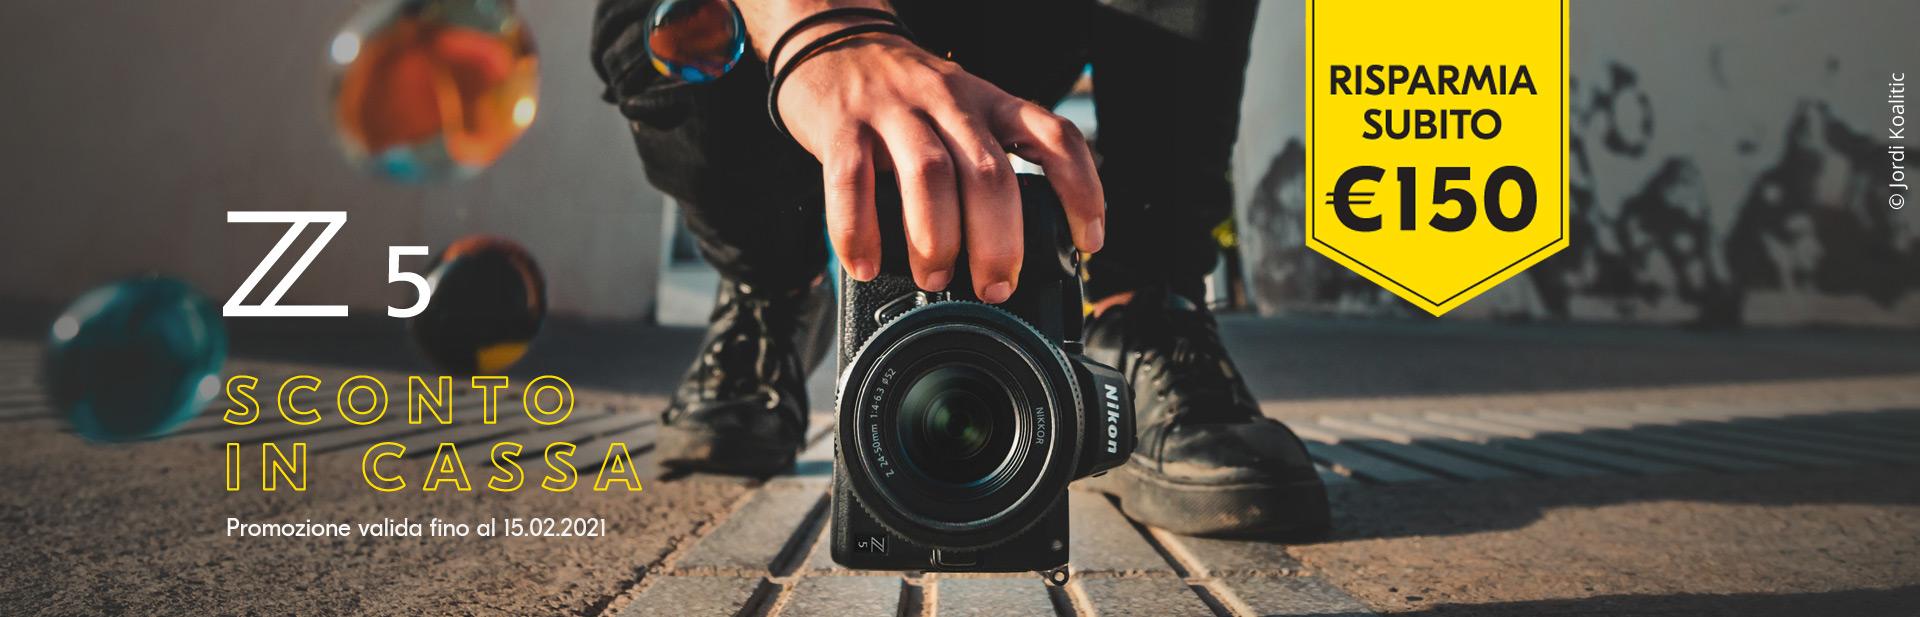 Sconto in cassa di 150 € su Nikon Z5 per Febbraio 2021.